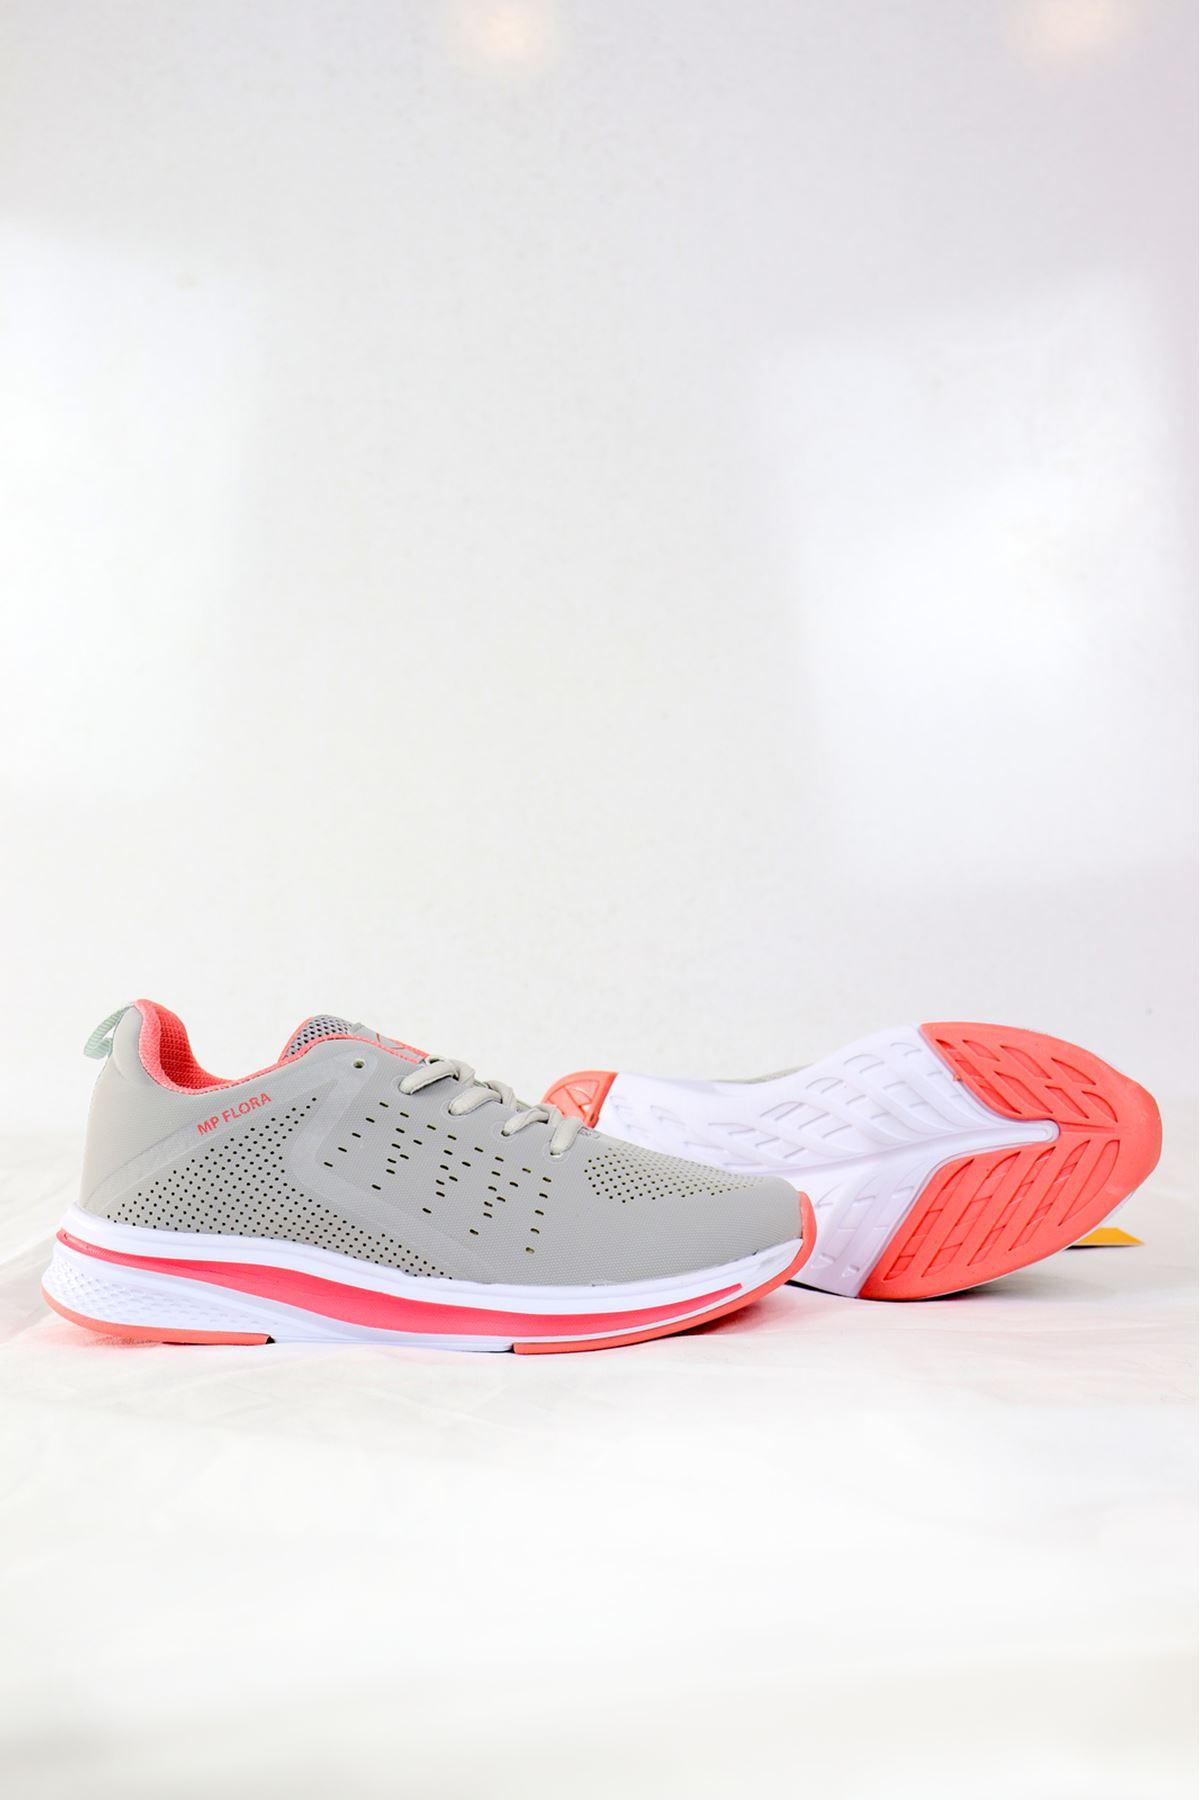 MP - 202 -1414ZN Gri/Pembe kadın Spor Ayakkabısı